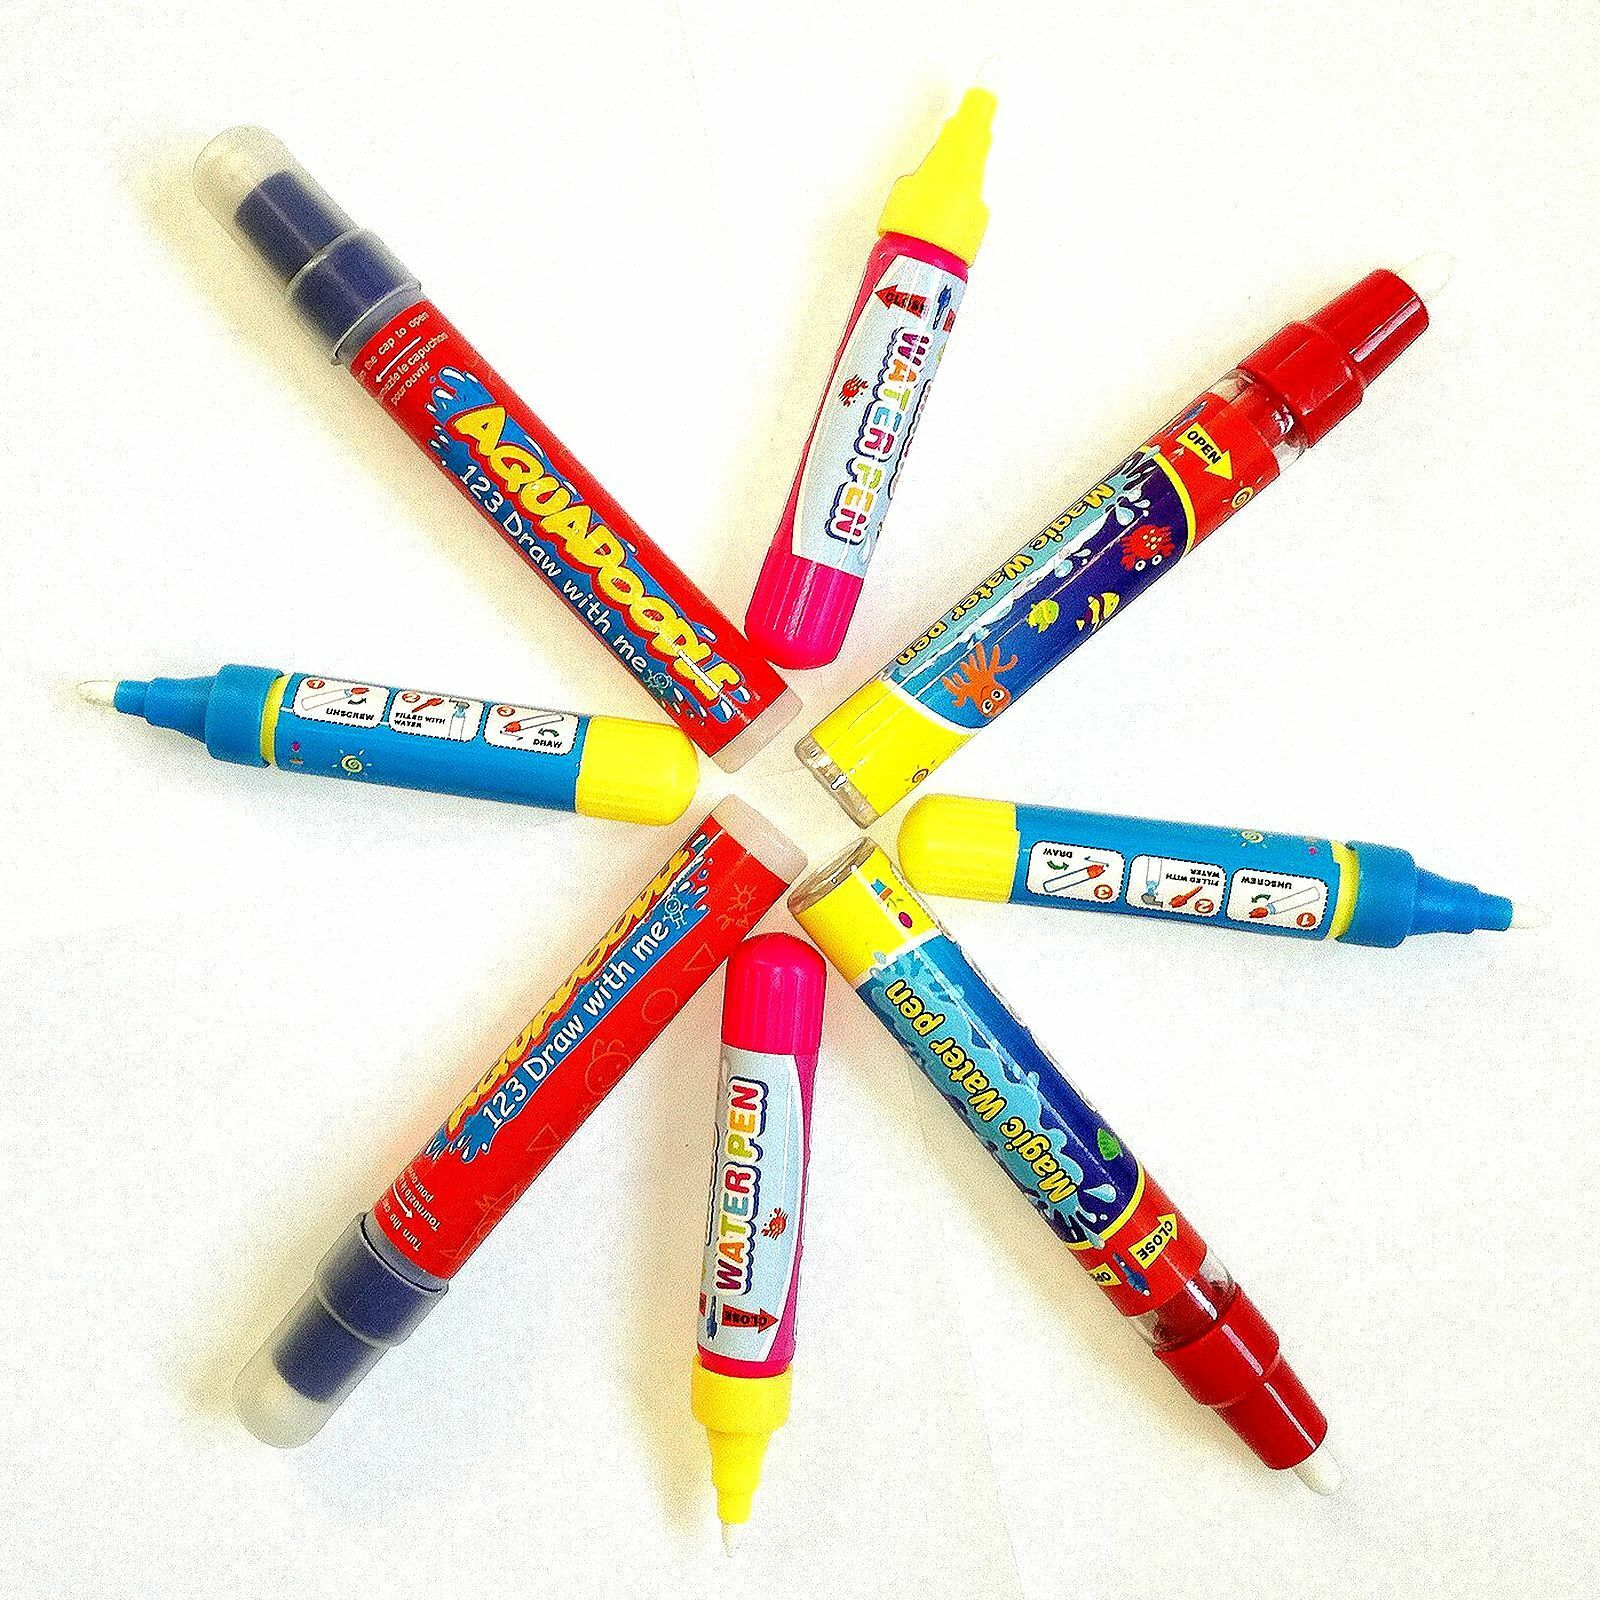 2x Stift für Aqua Doodle Malstift Ersatzstift Zusatzstift Malen mit Wasser draw